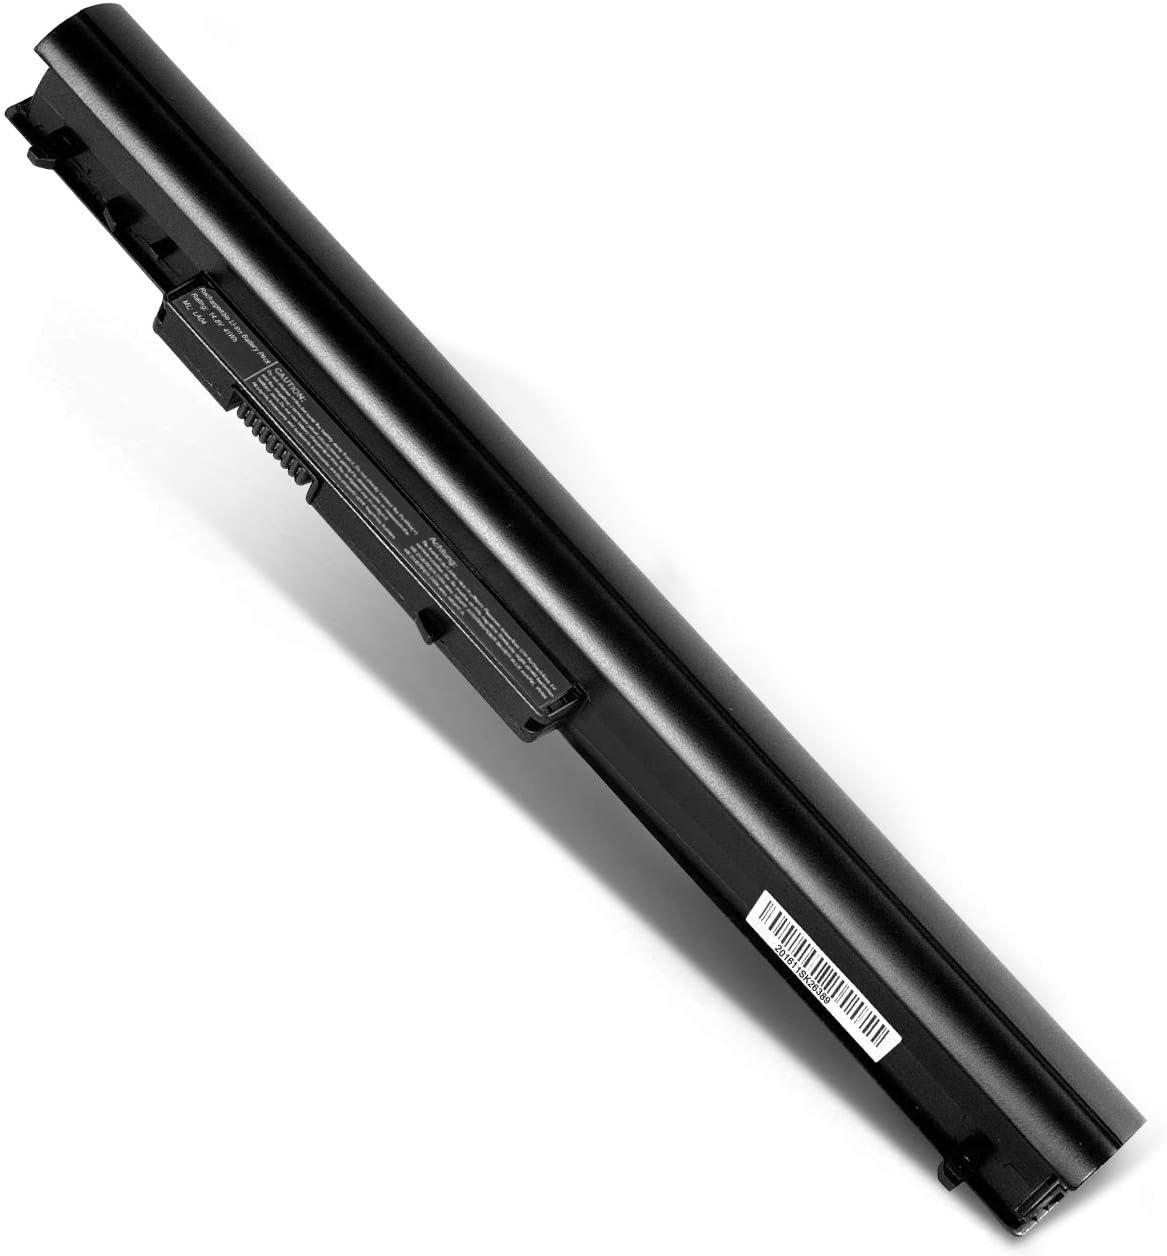 776622-001 LA04 LA04DF Laptop Battery for HP 728460-001 752237-001 TPN-Q130 TPN-Q132 TPN-Q129 HSTNN-DB5M HSTNN-YB5M F3B96AA HSTNN-UB5M HP Pavilion 14 15 TouchSmart Series[14.8V 41WH]